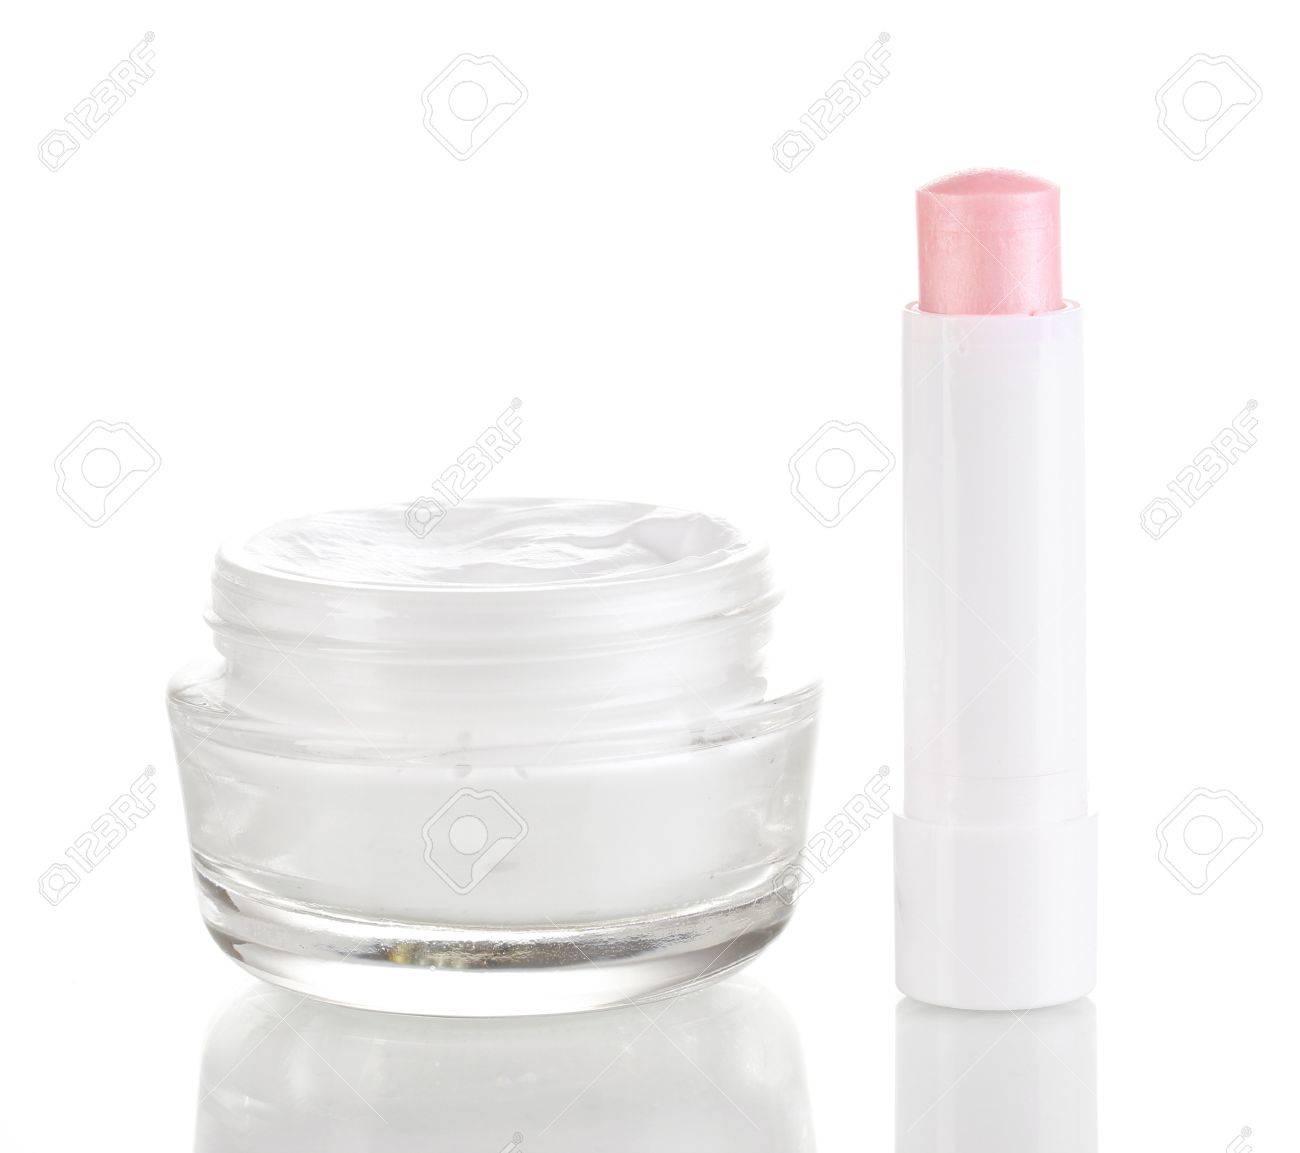 Hygienic lipstick and moisturizing cream isolated on white Stock Photo - 13375041